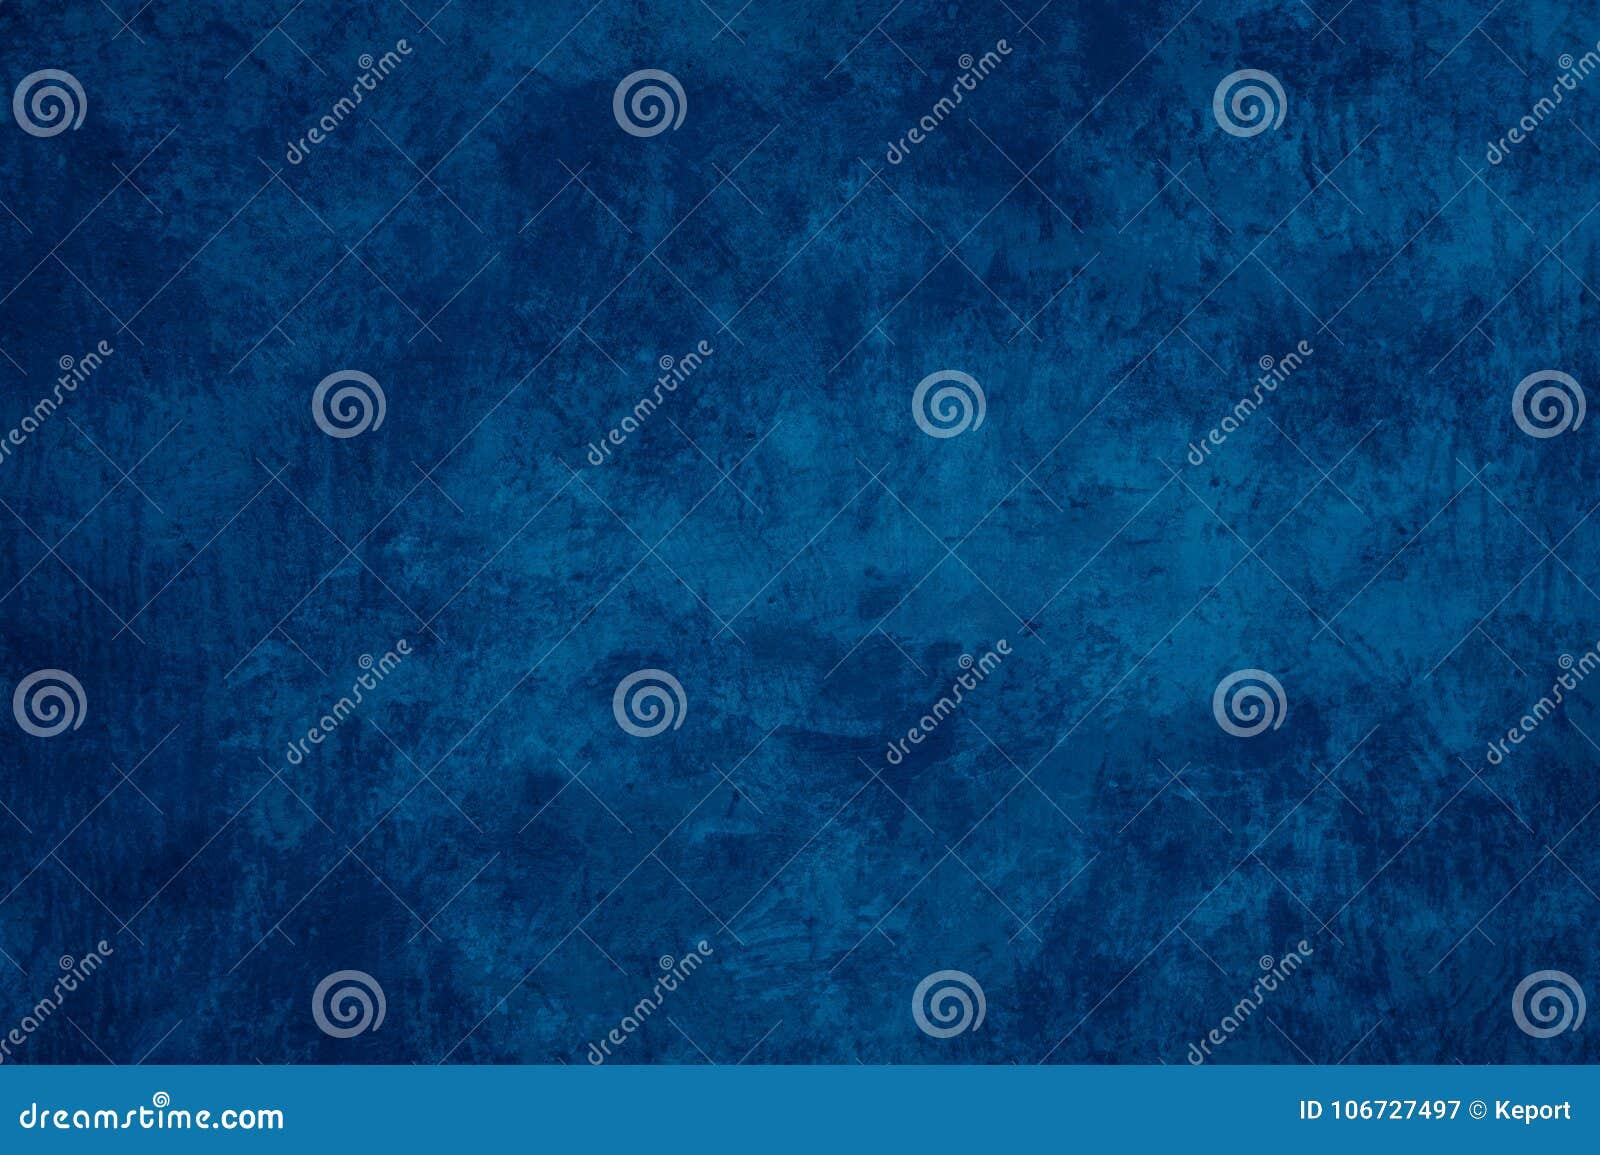 Fond Bleu Fonce Inegal De Texture Image Stock Image Du Brouillon